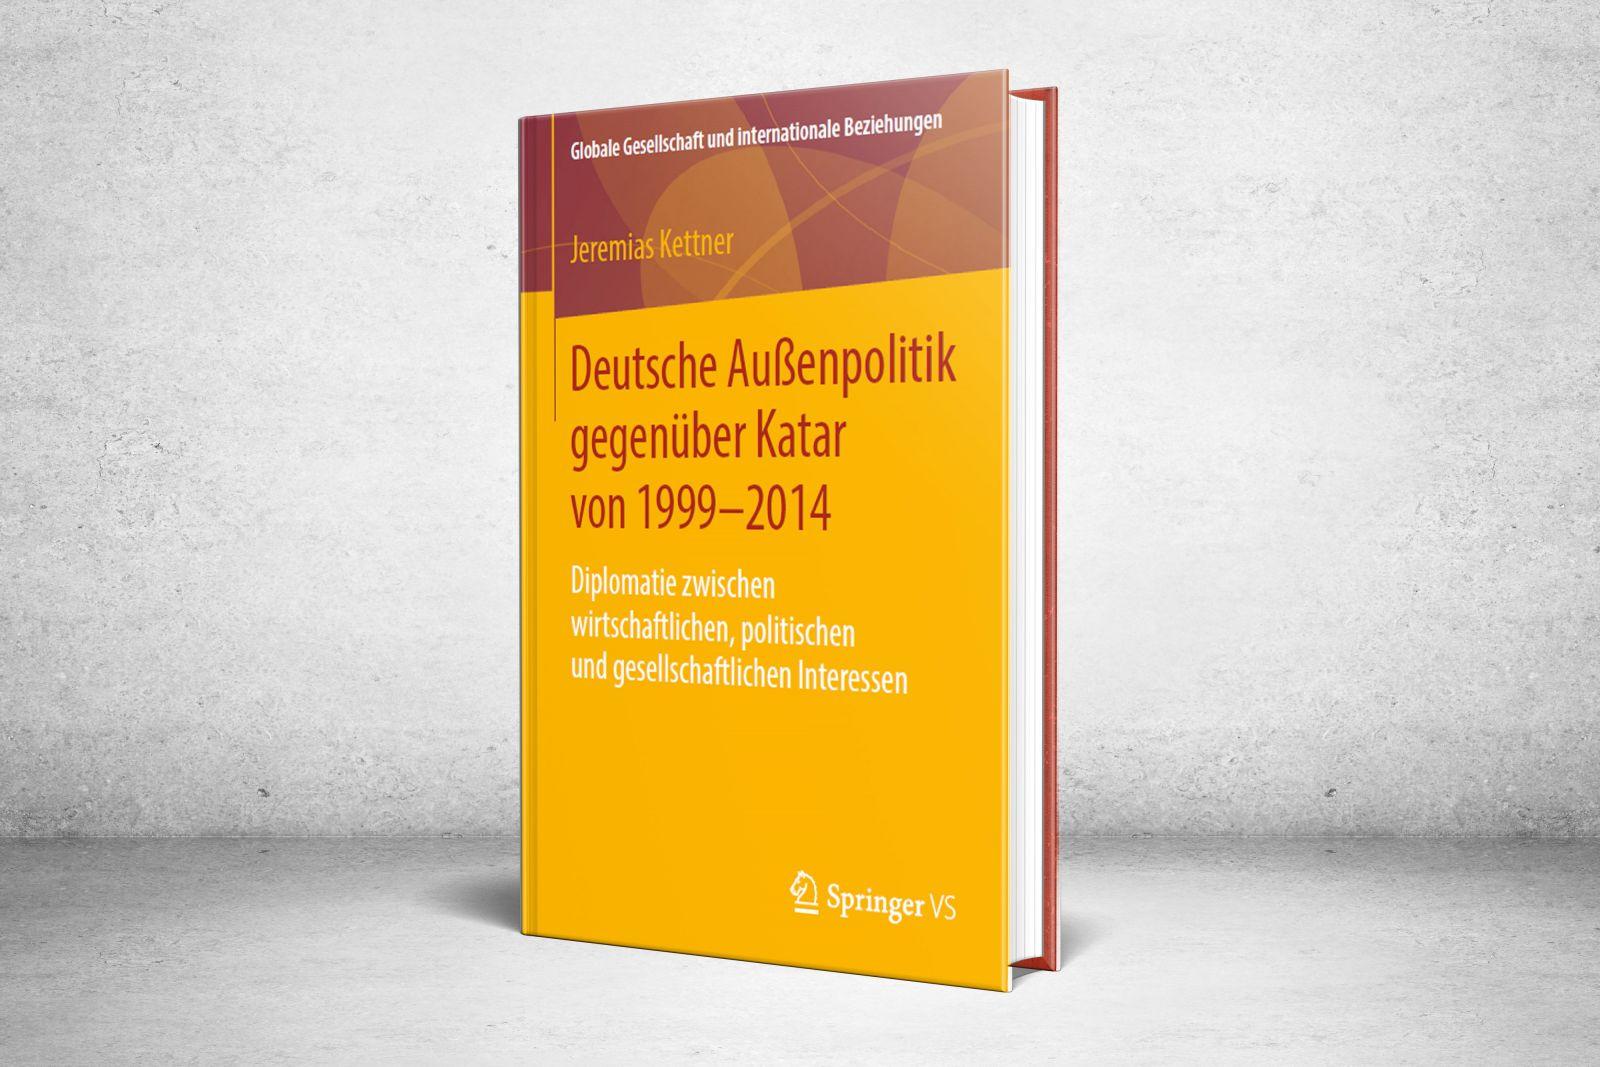 السياسة الخارجية الألمانية نحو قطر (1999- 2014) - العلاقات الدبلوماسية بين المصالح الاقتصادية والسياسية والاجتماعية